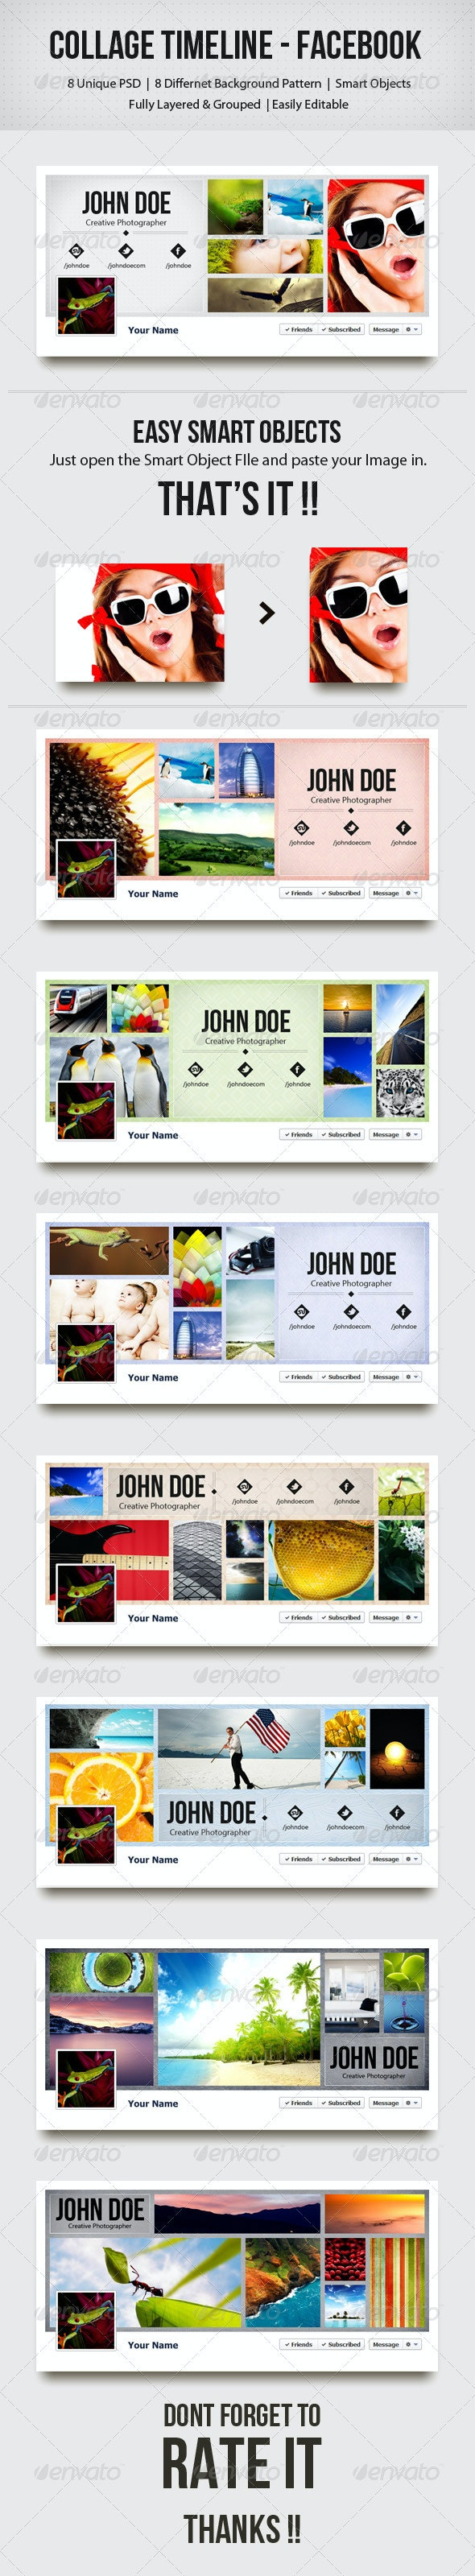 Collage Timeline - Facebook